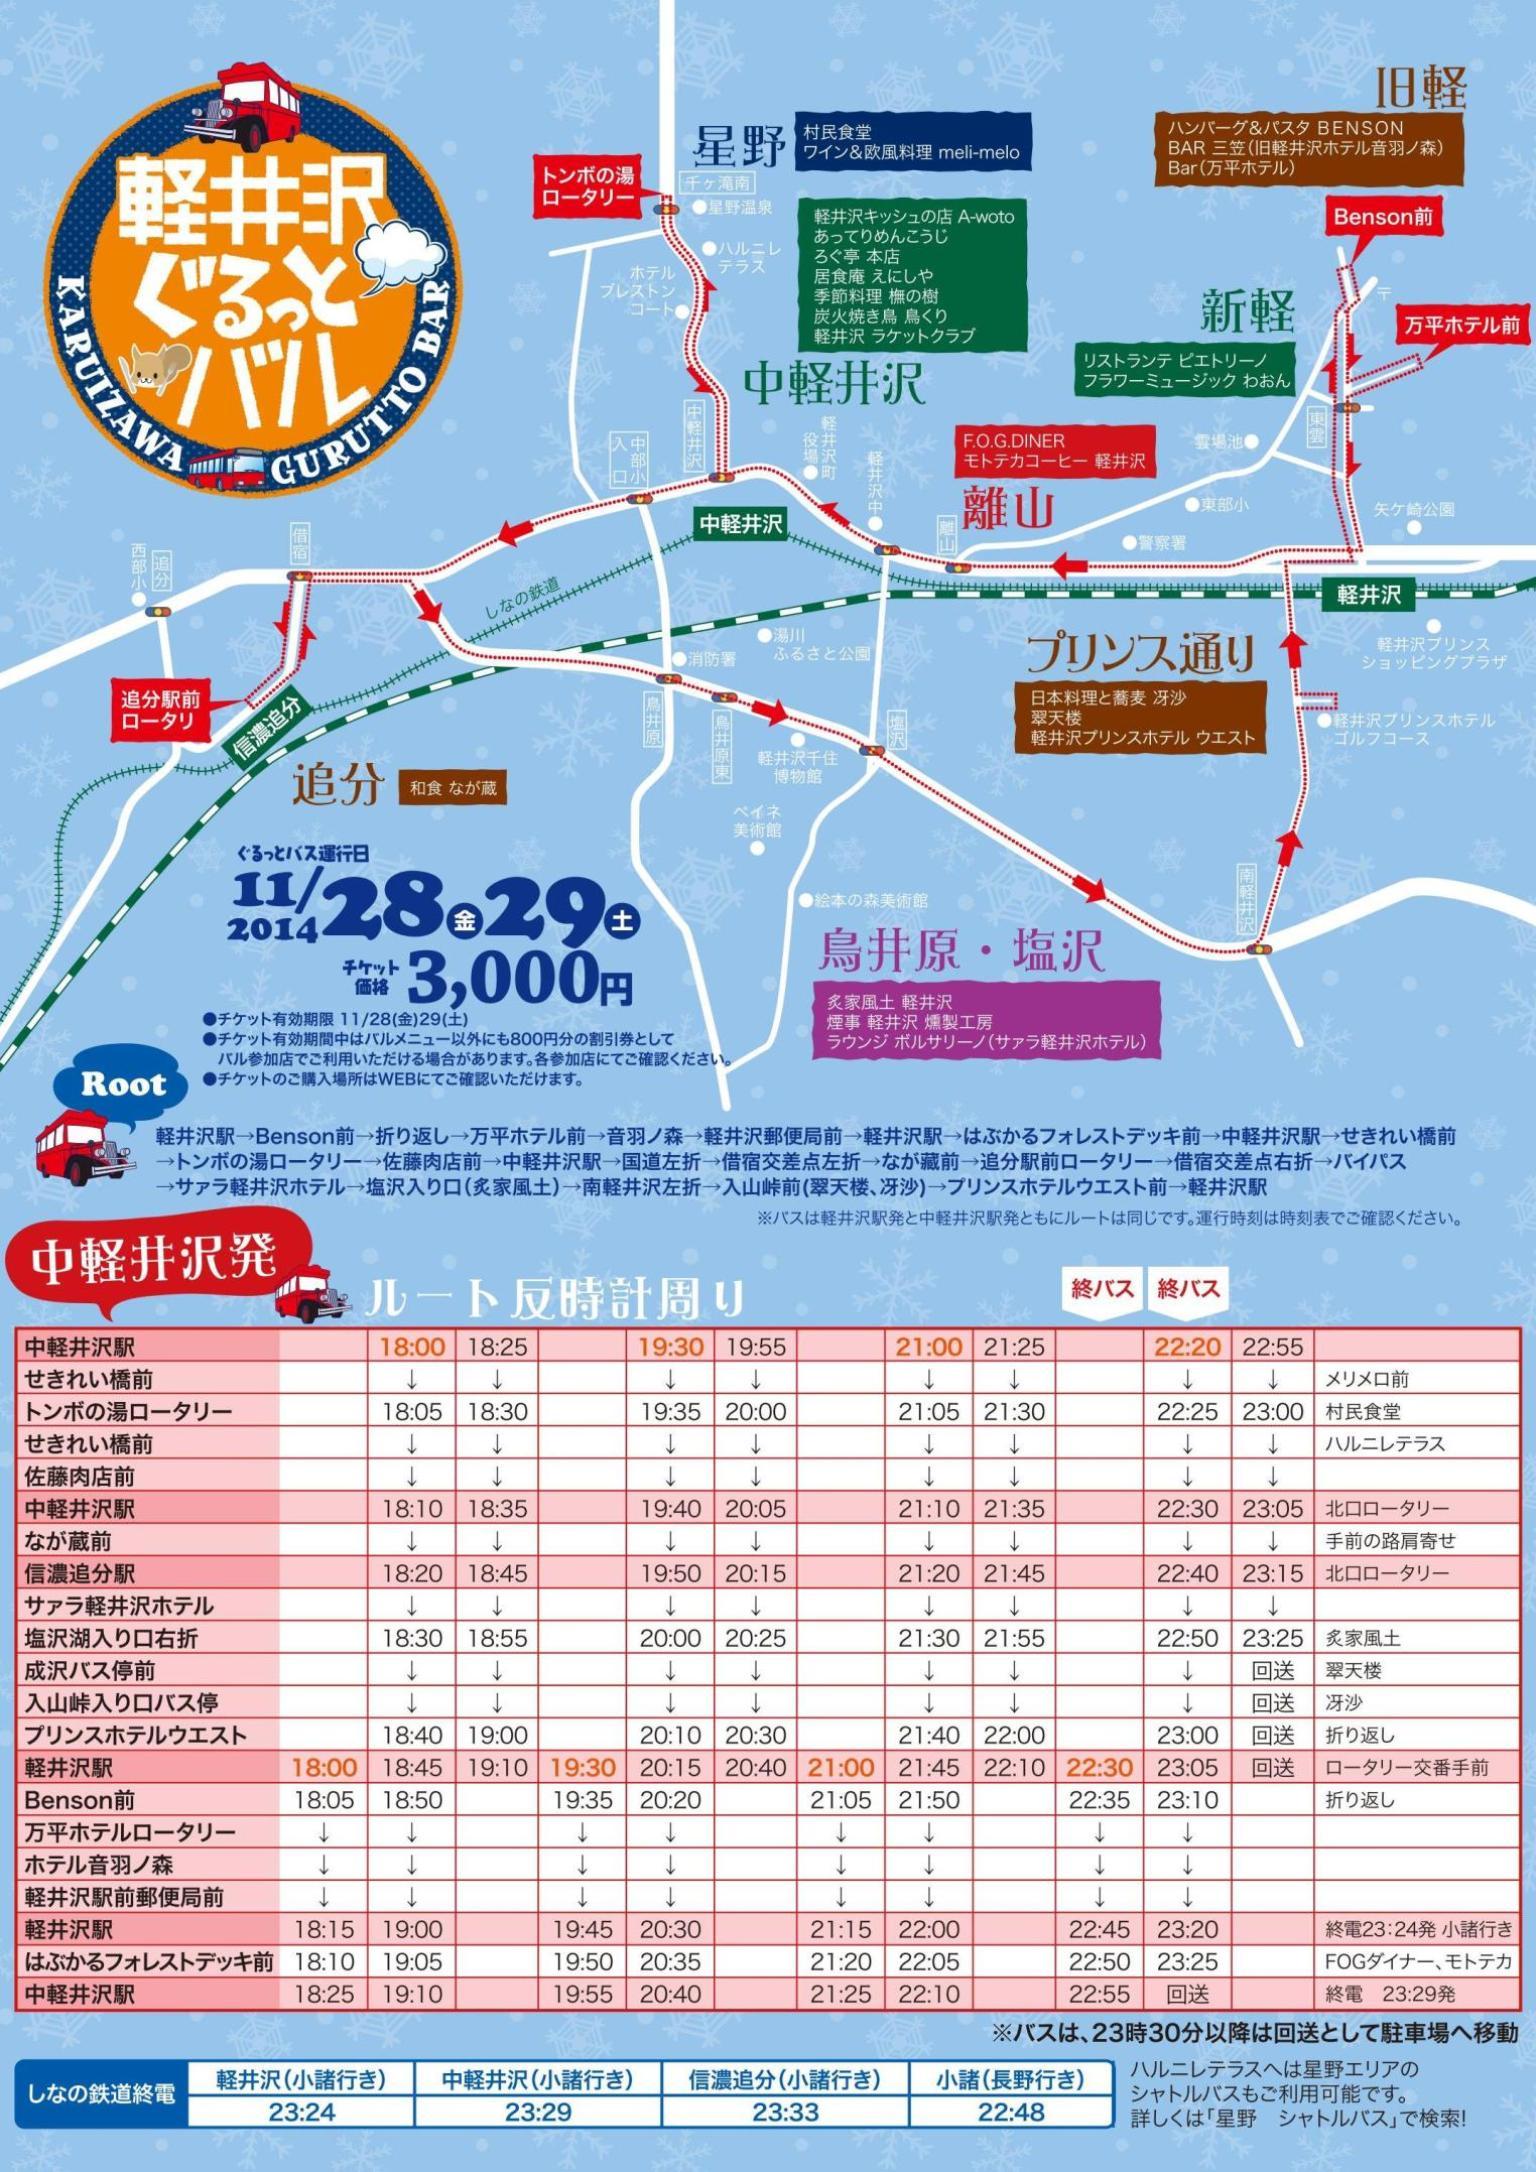 第3回(その2)軽井沢ぐるっとバル・バス時刻表